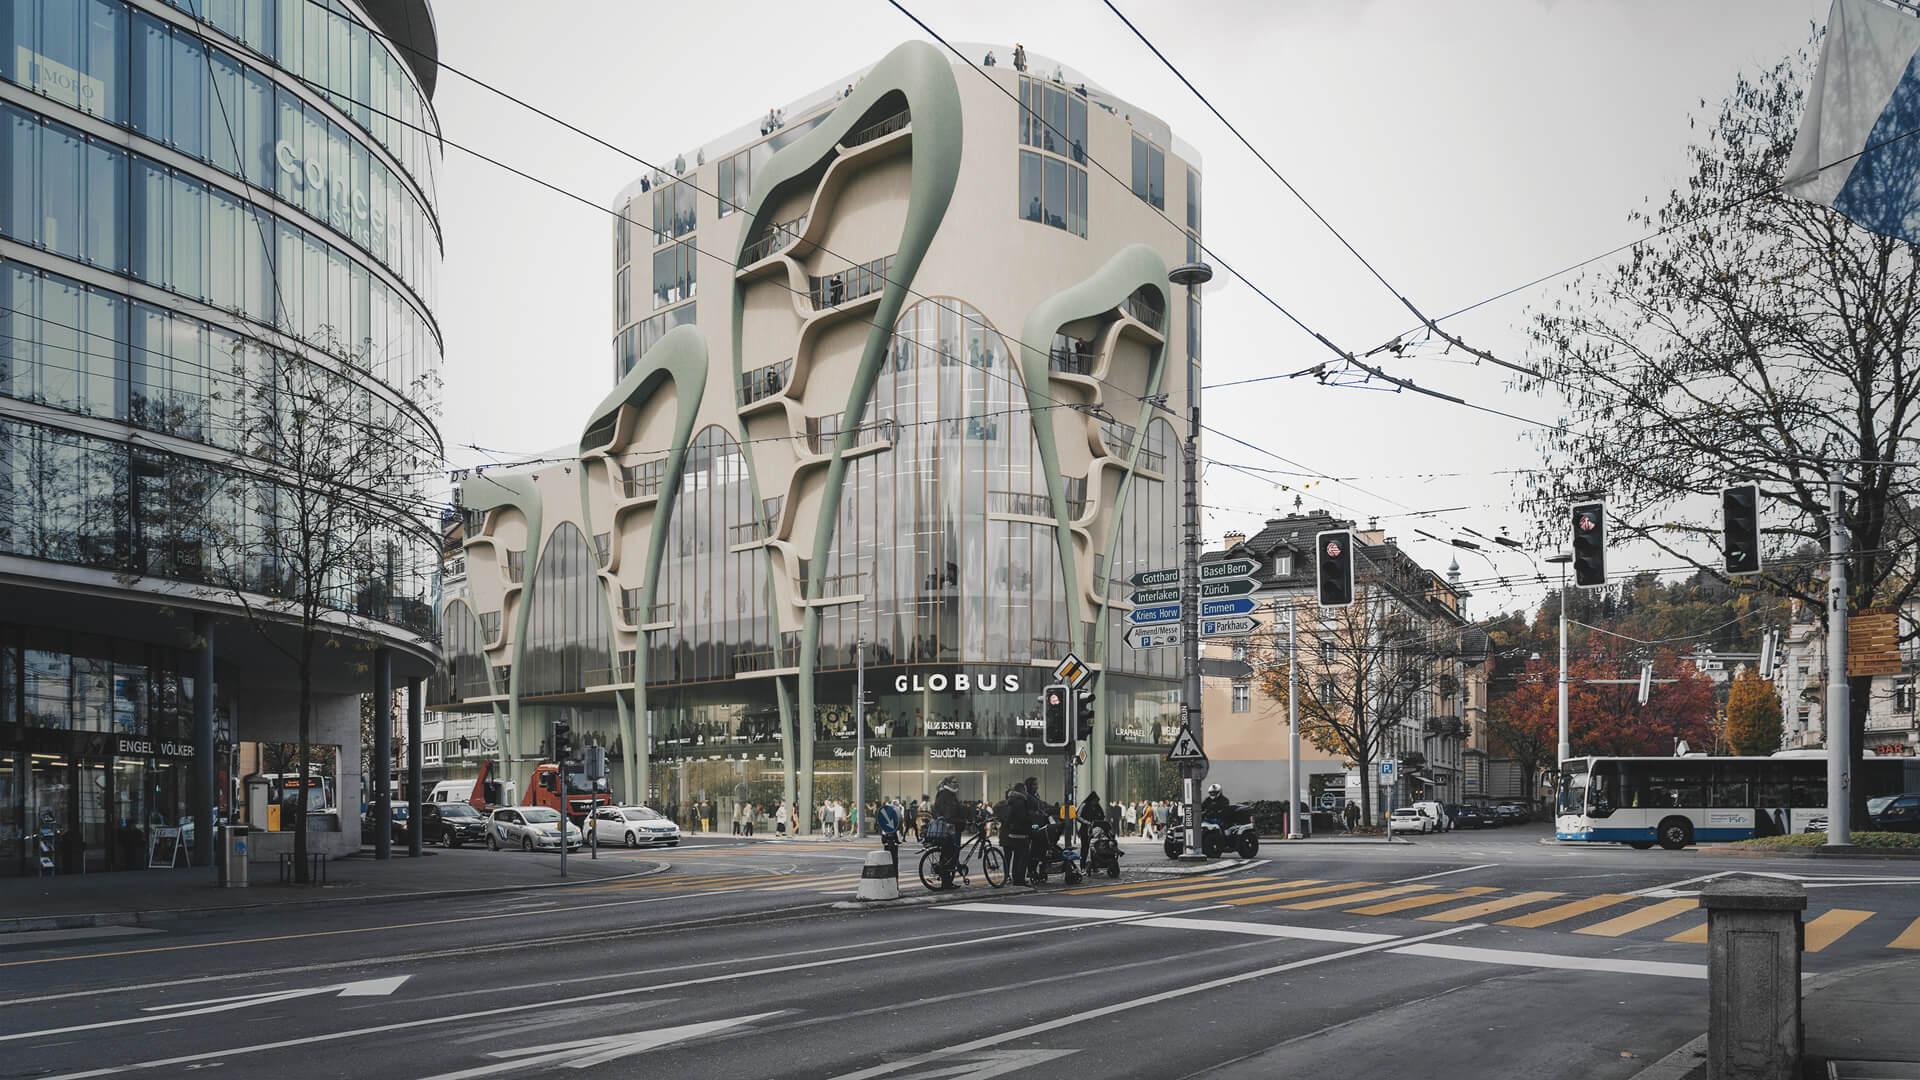 Alpen-Akelei Haus in Lucerne, Switzerland, merges biology with computation